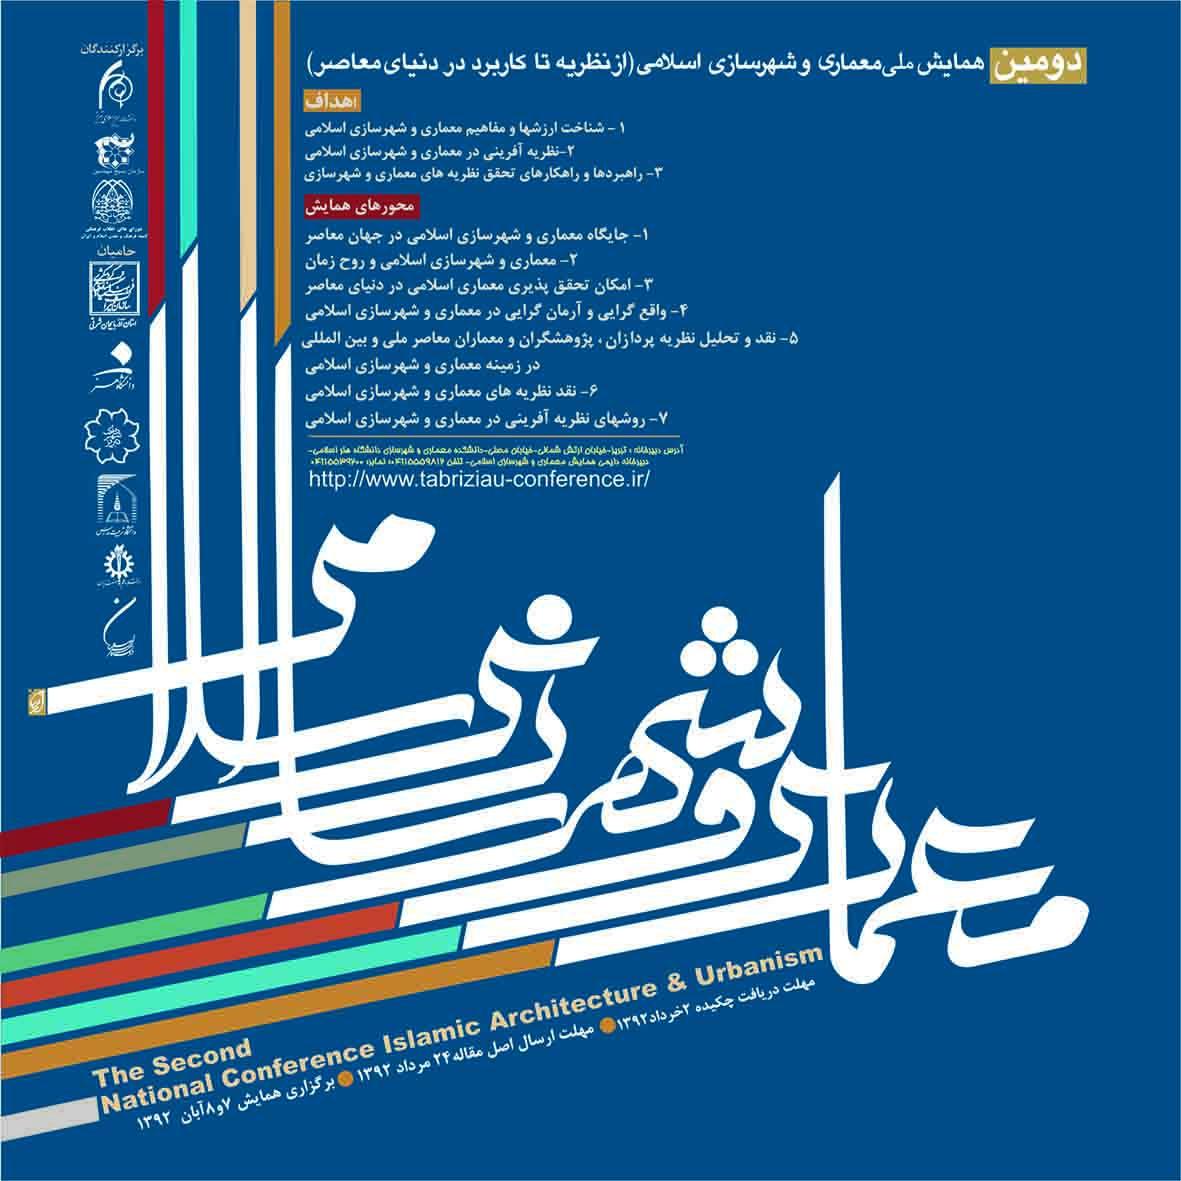 دومین همایش ملی معماری و شهرسازی اسلامی